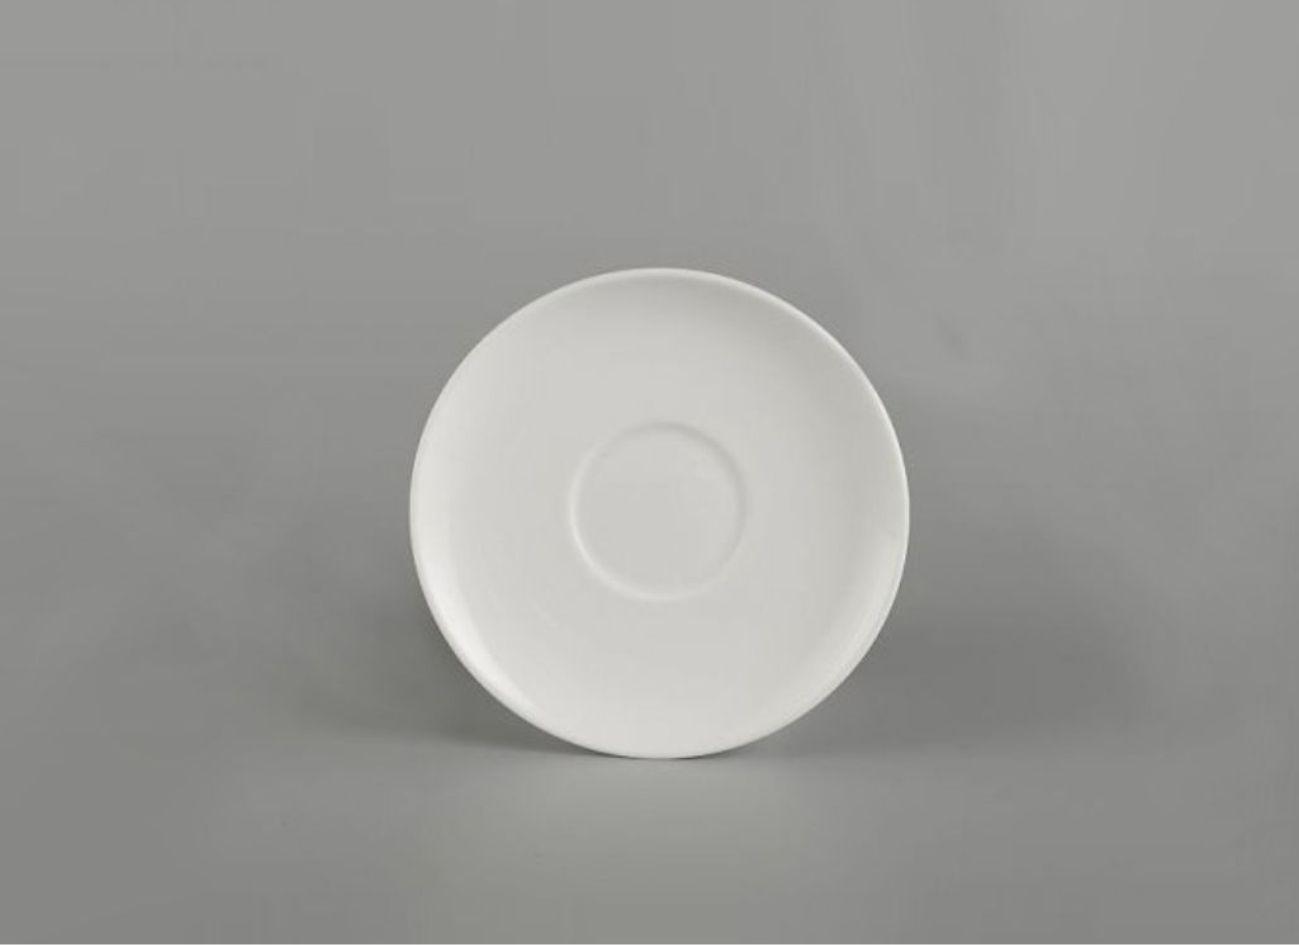 Dĩa lót tách Cappuccino 17cm Daisy Lys Trắng Ngà 581783000